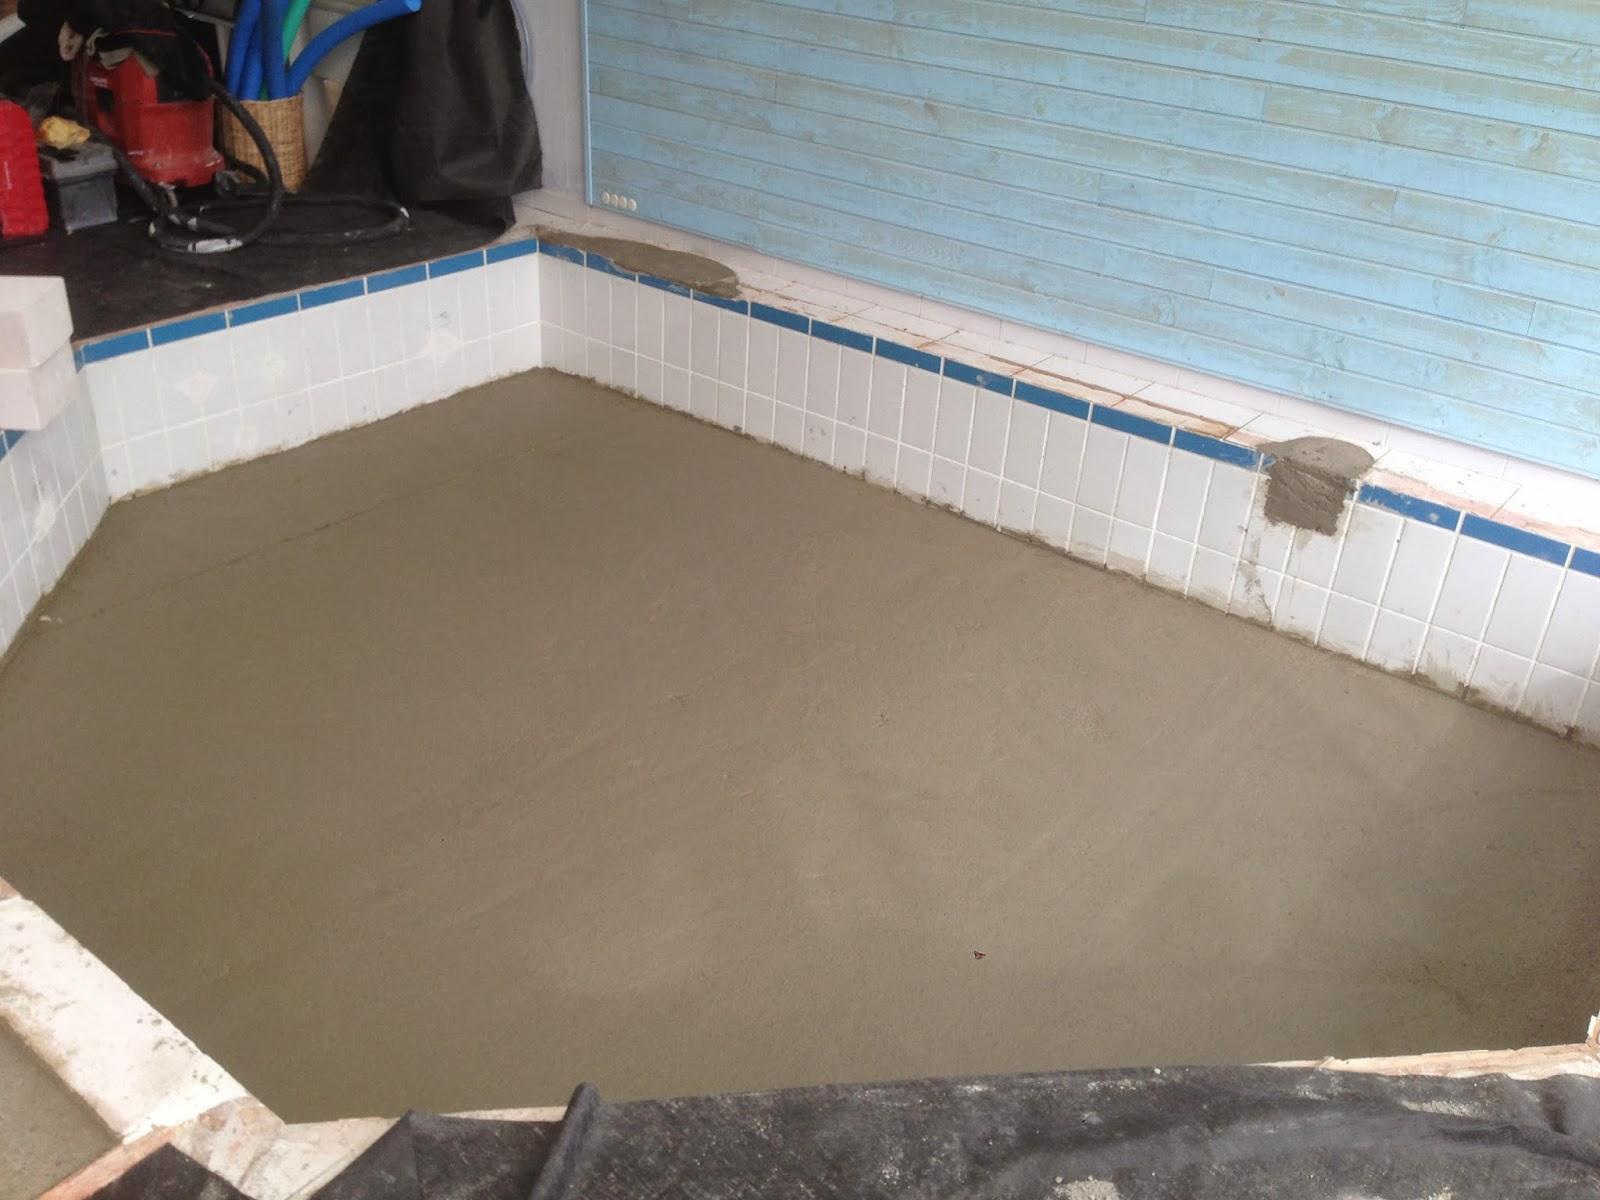 Int gration d 39 un spa dans un am nagement int rieur citygardner by gardn - Quelle epaisseur pour une dalle beton ...